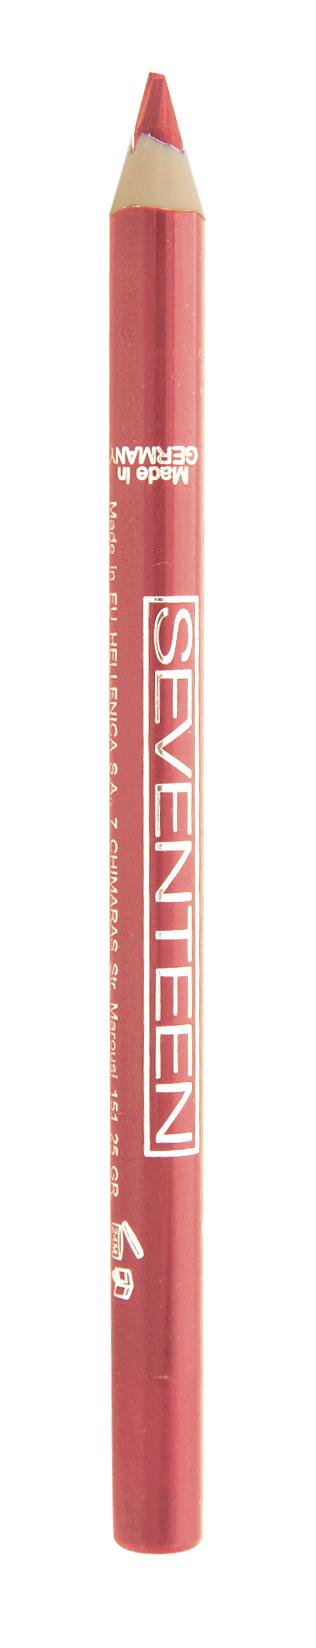 SEVENTEEN Карандаш для губ водостойкий с витамином Е, 28 персик / Super Smooth W/P Lip Liner 1,2 г косметические карандаши seventeen карандаш для губ водостойкий с витамином е super smooth w p lip liner 32